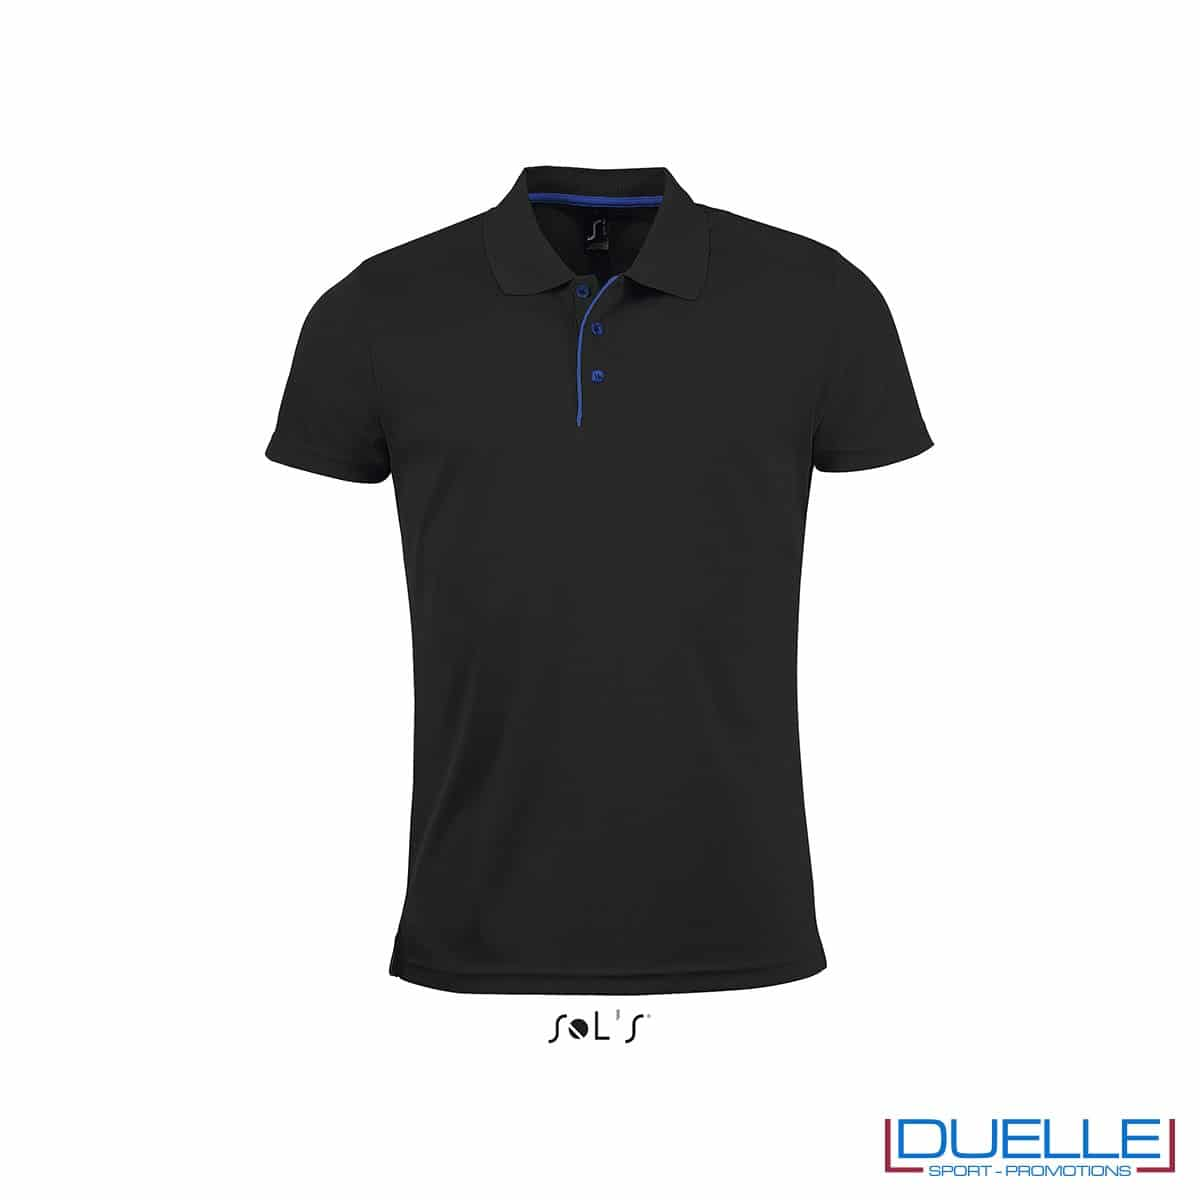 polo personalizzata sportiva in poliestere traspirante colore nero, polo personalizzata, abbigliamento sportivo personalizzato